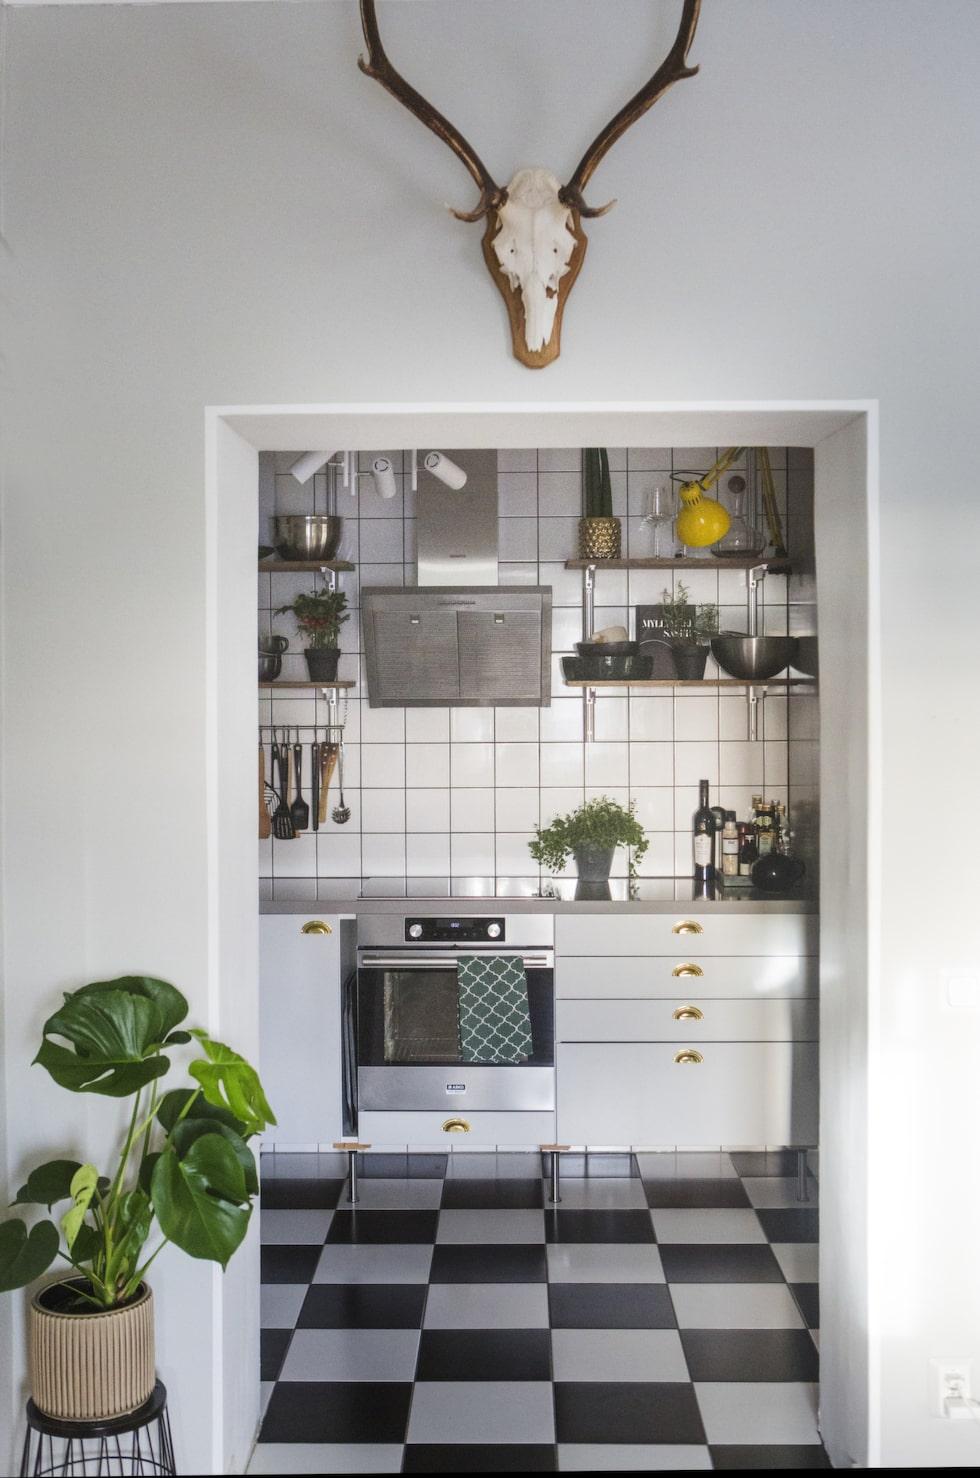 Svartvitt. Köket sett från hallen. Golvet är lagt med svart-vitt klinkers. Överallt syns Malins kärlek till växter.